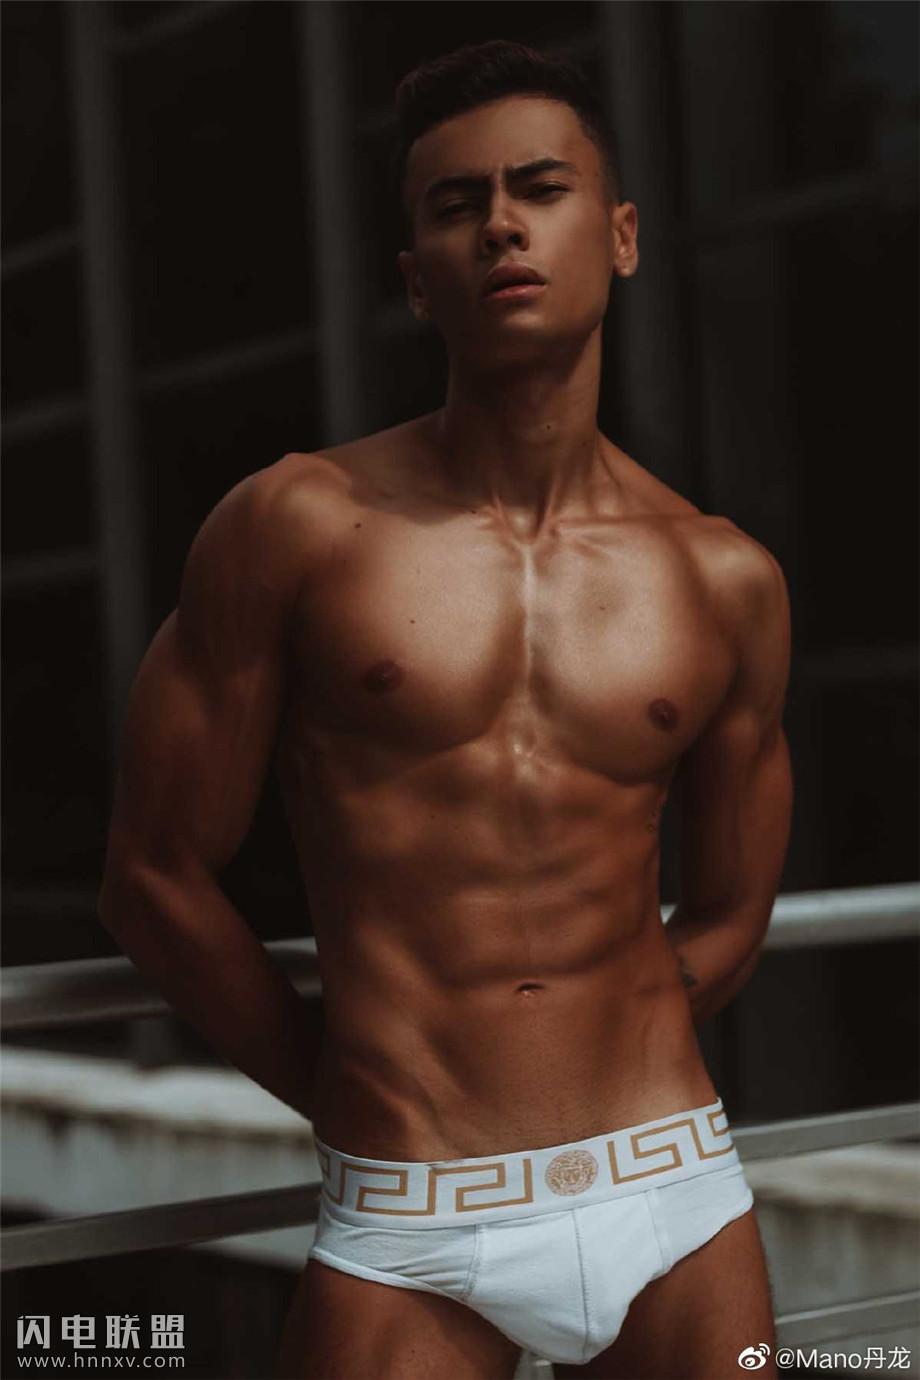 欧美可爱男模CK小鲜肉肌肉写真图片